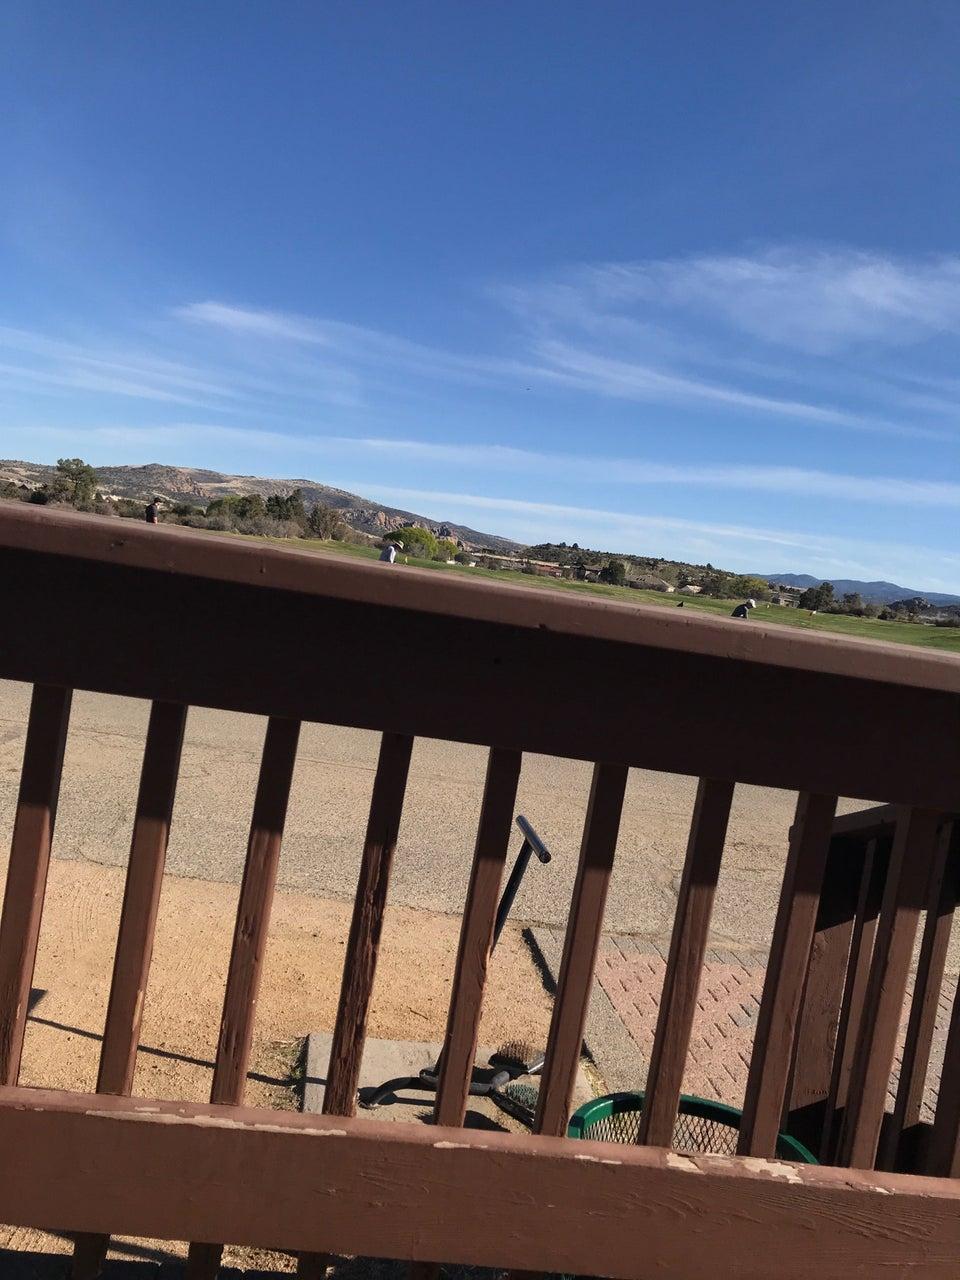 Antelope Hills Golf Courses 1 Perkins Dr, Prescott